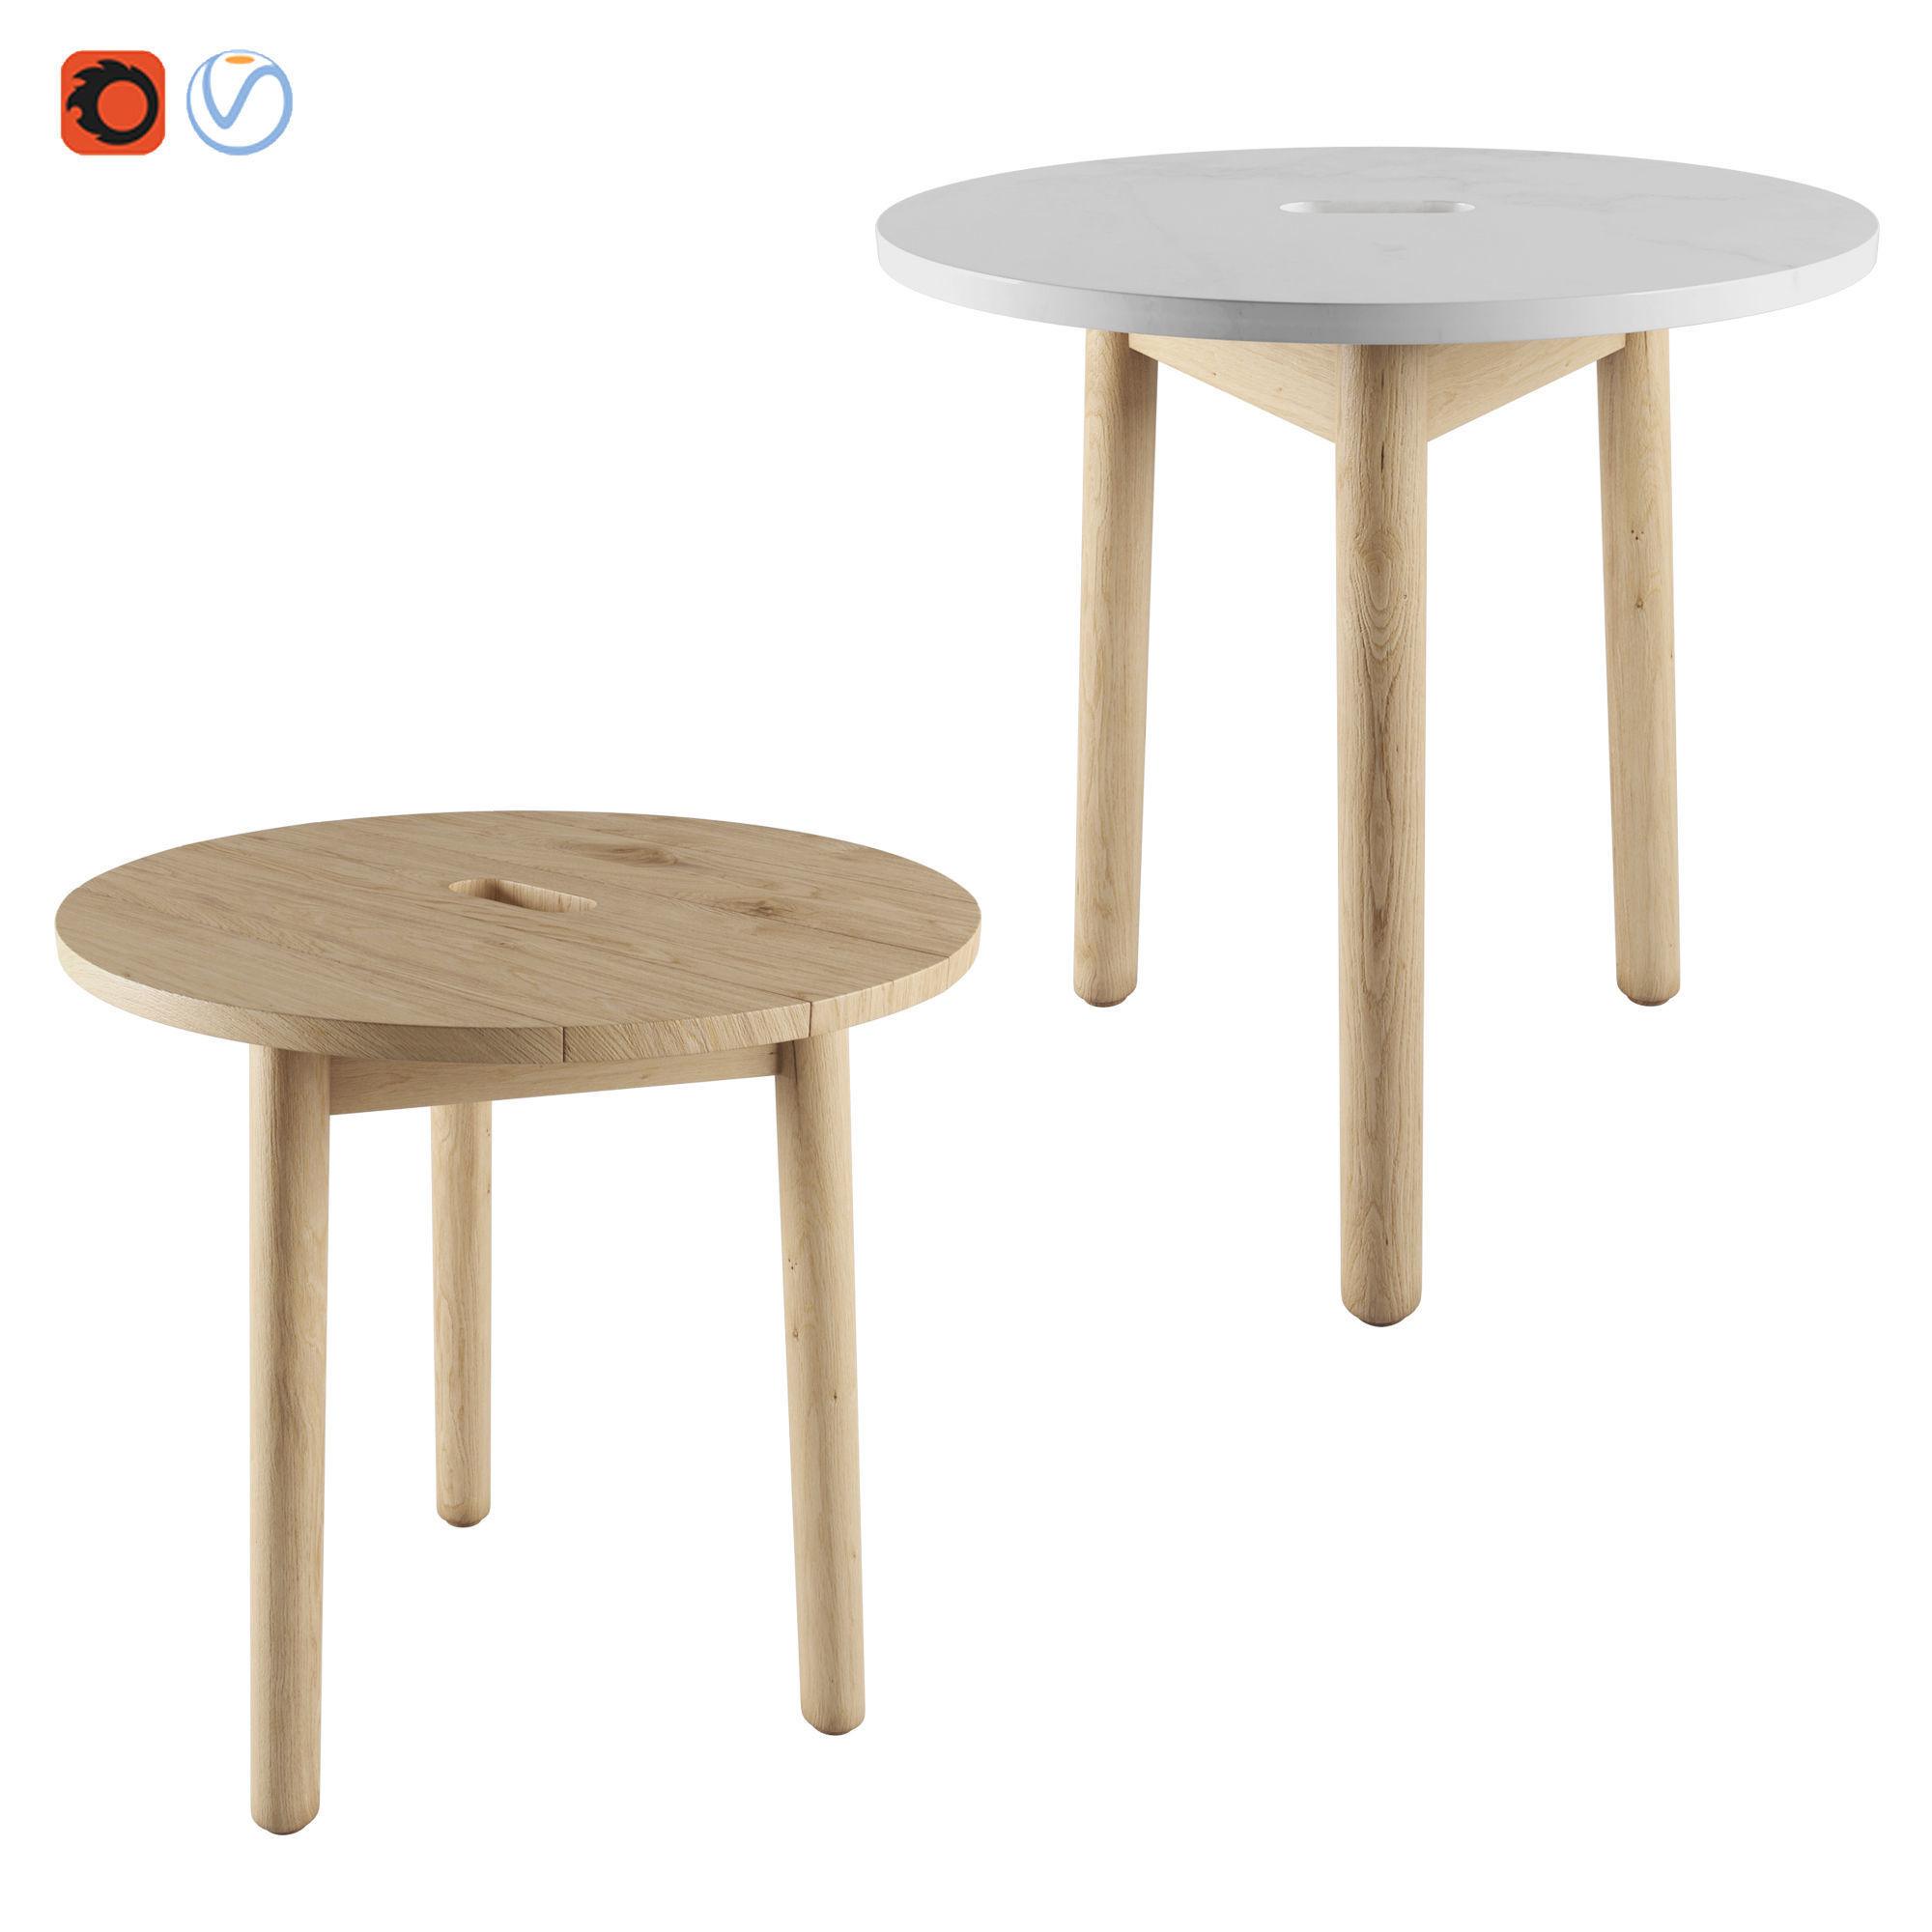 Riva Side table By Jasper morrison